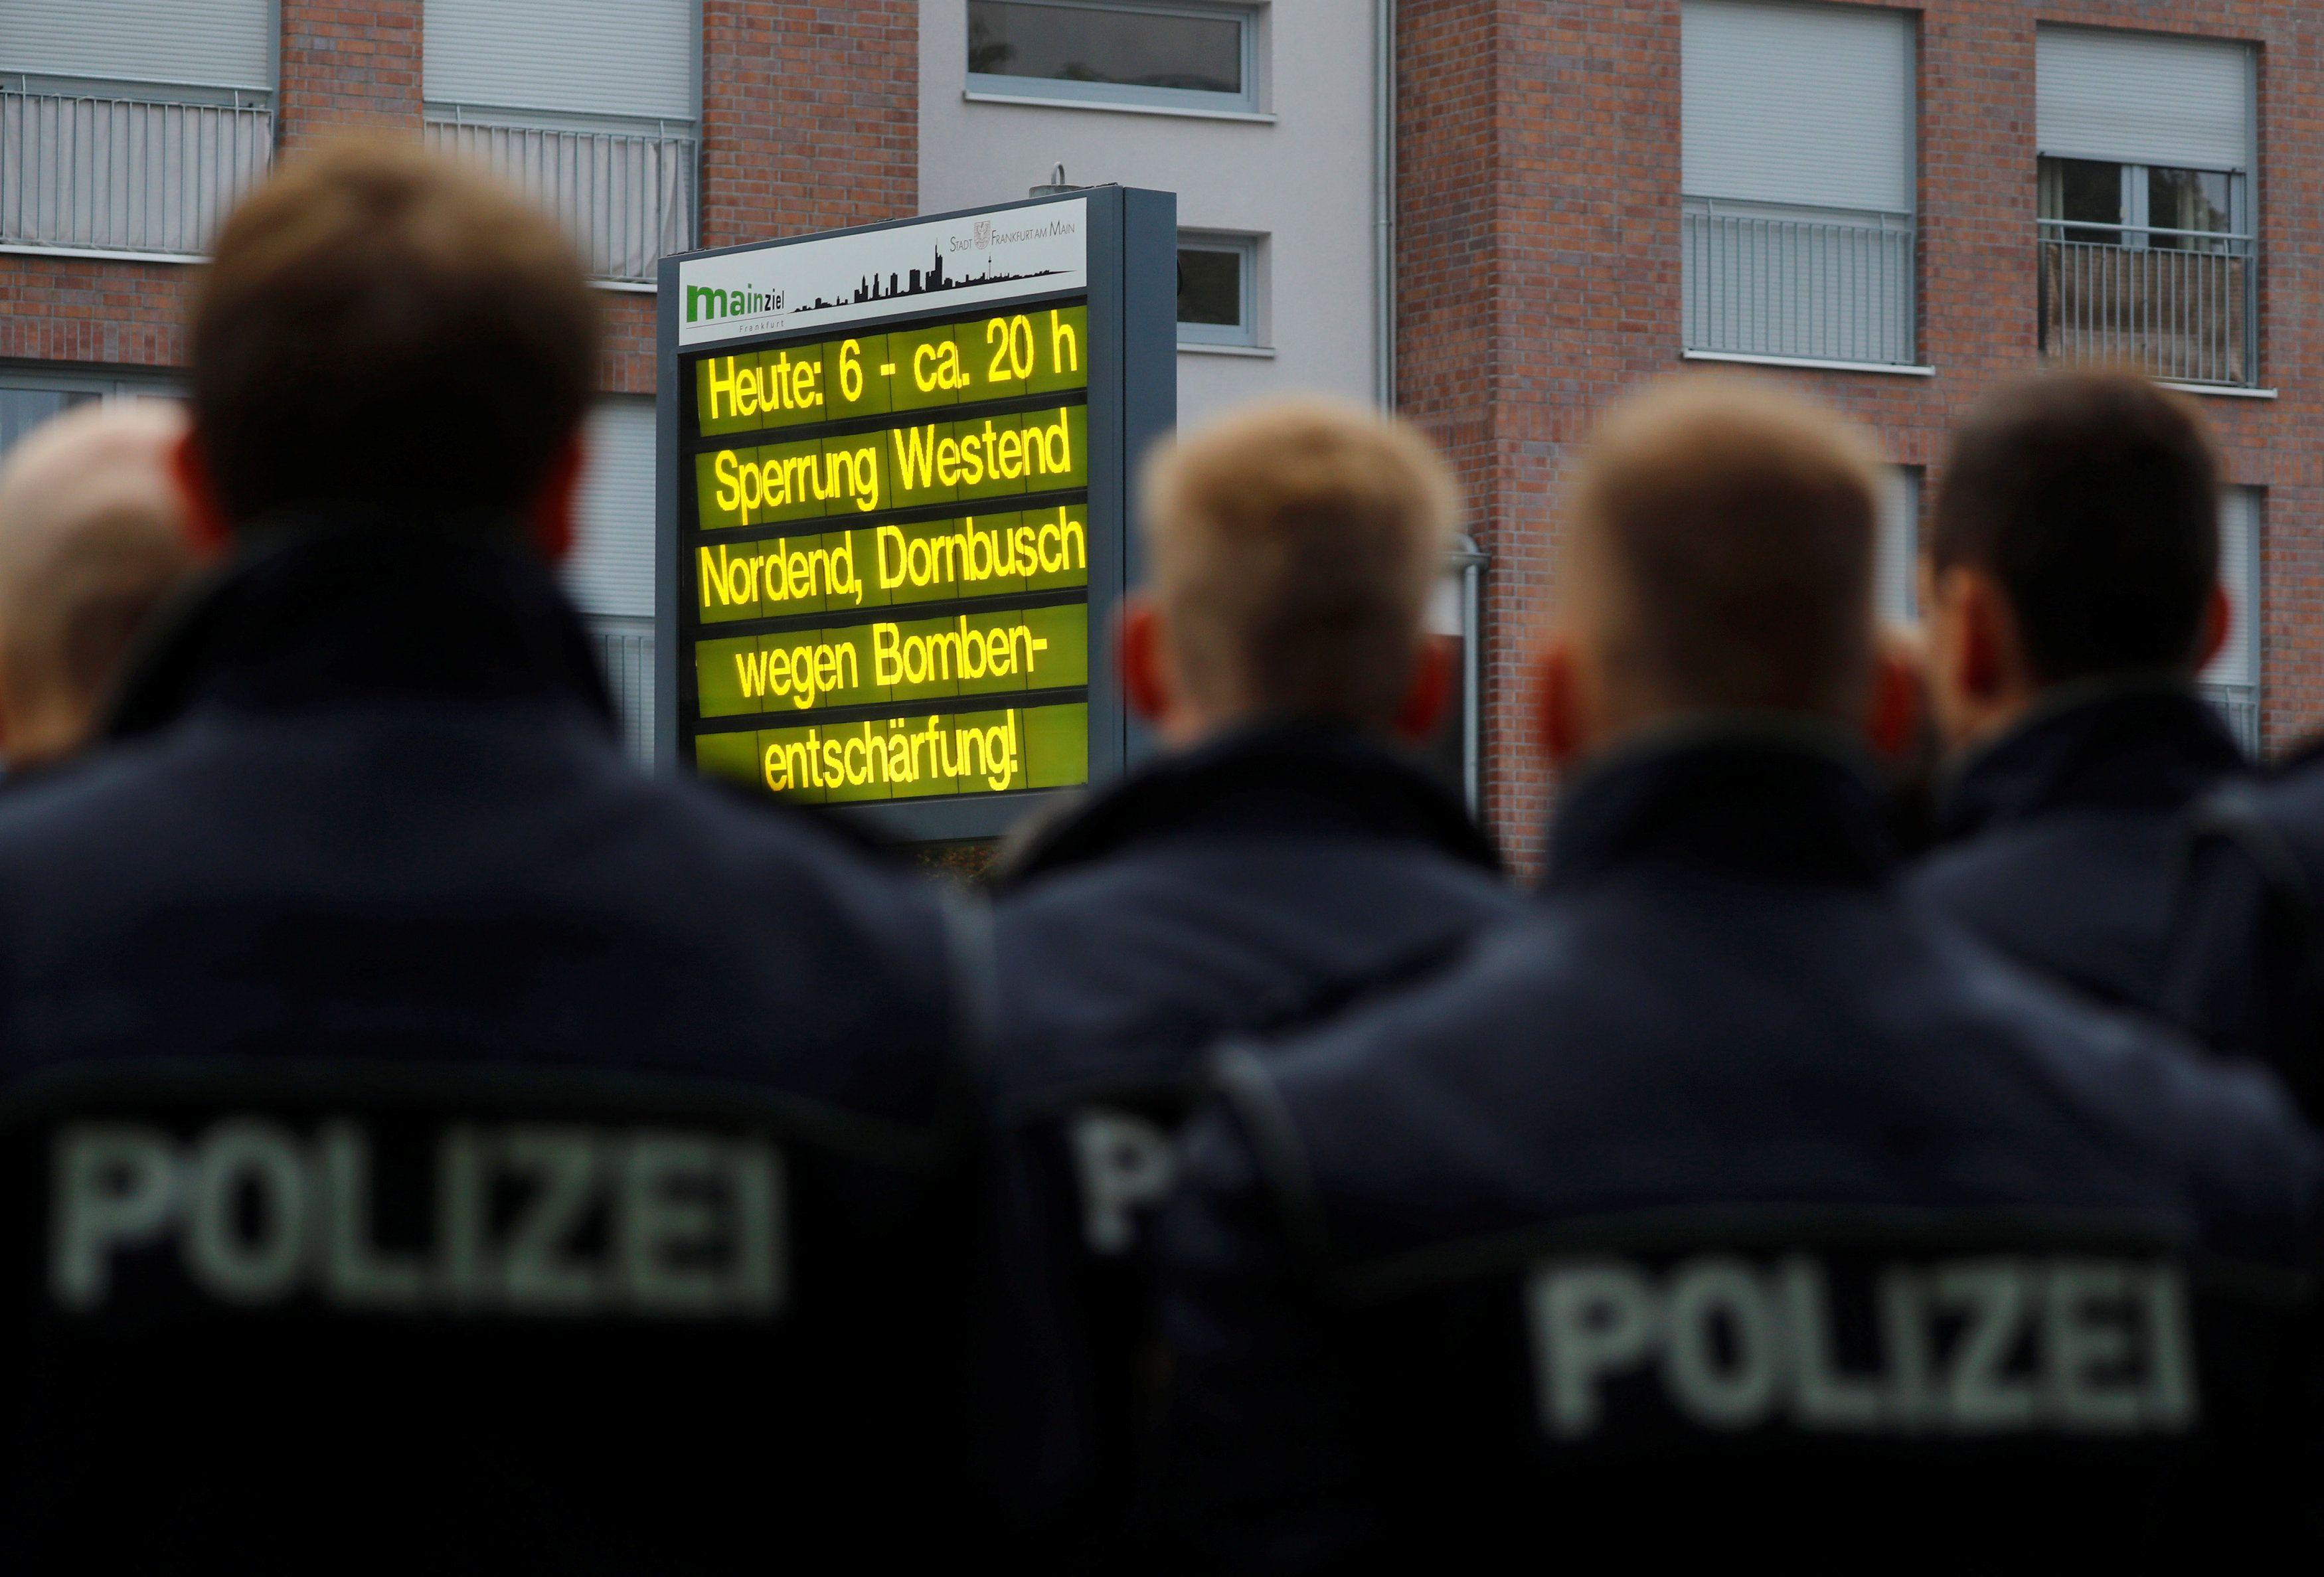 Правоохранители в Германии, иллюстрация